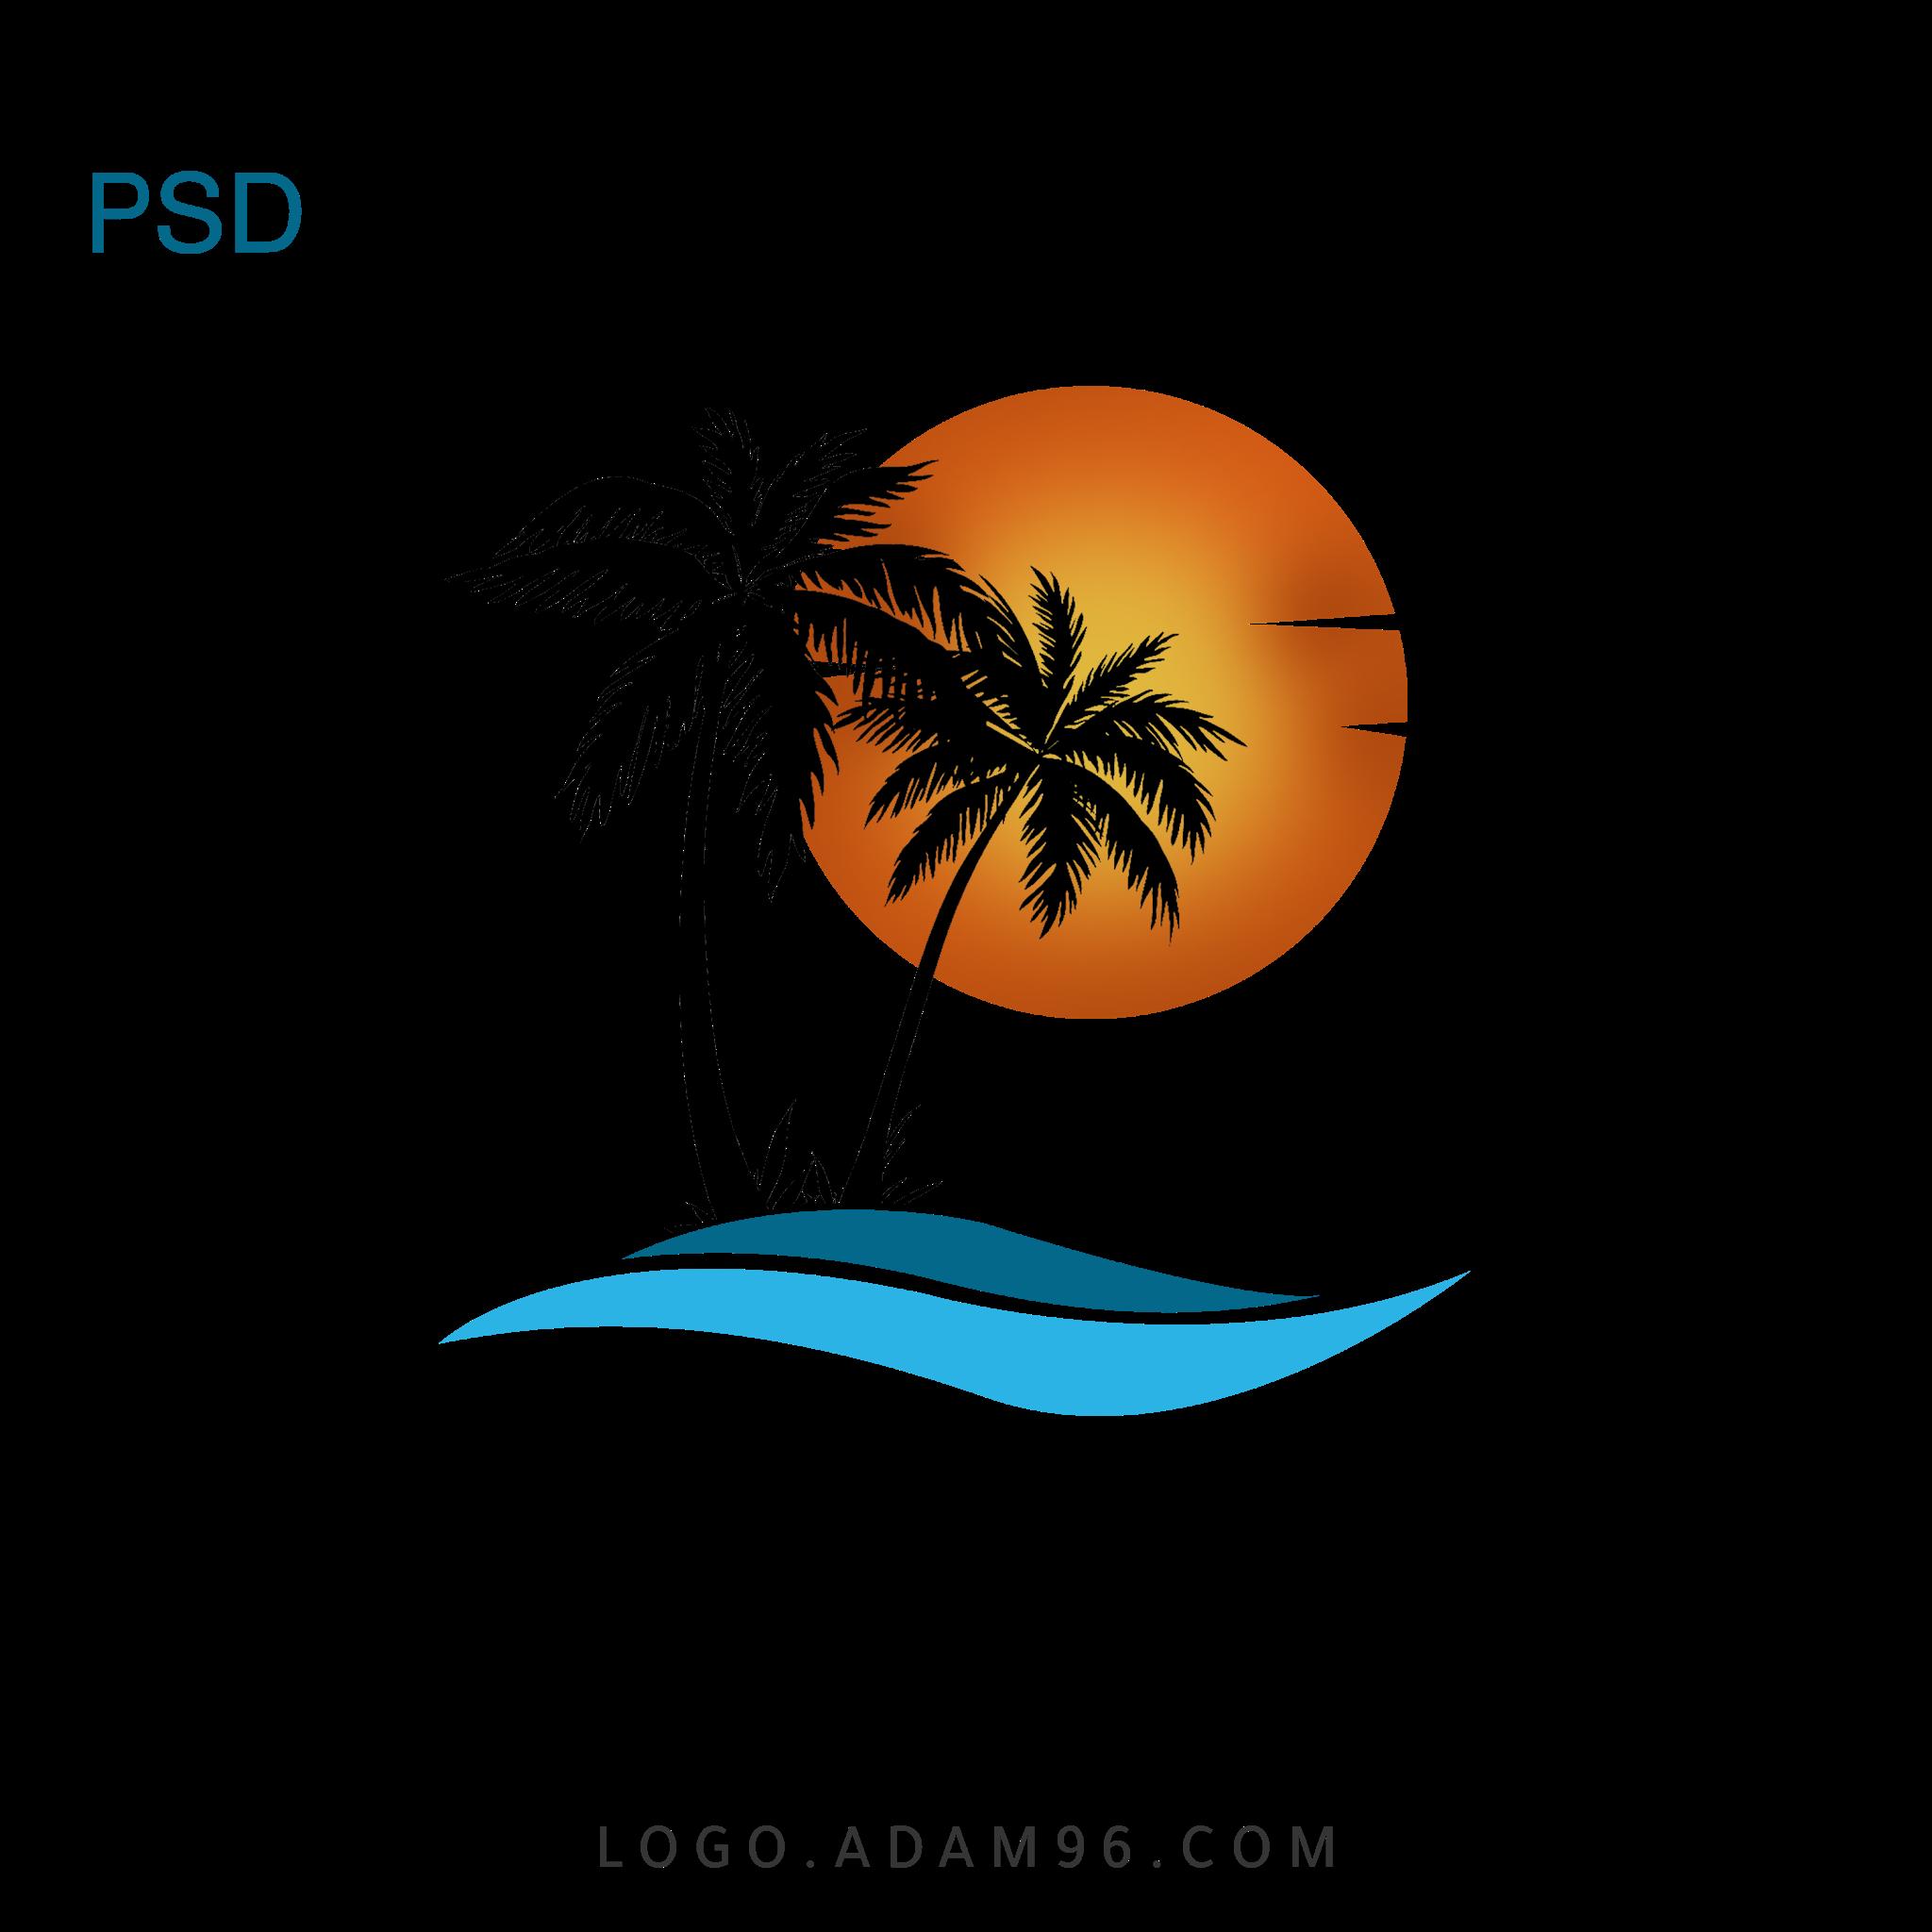 تحميل شعار شركة سياحة لوجو شركة بصيغة PSD - PNG